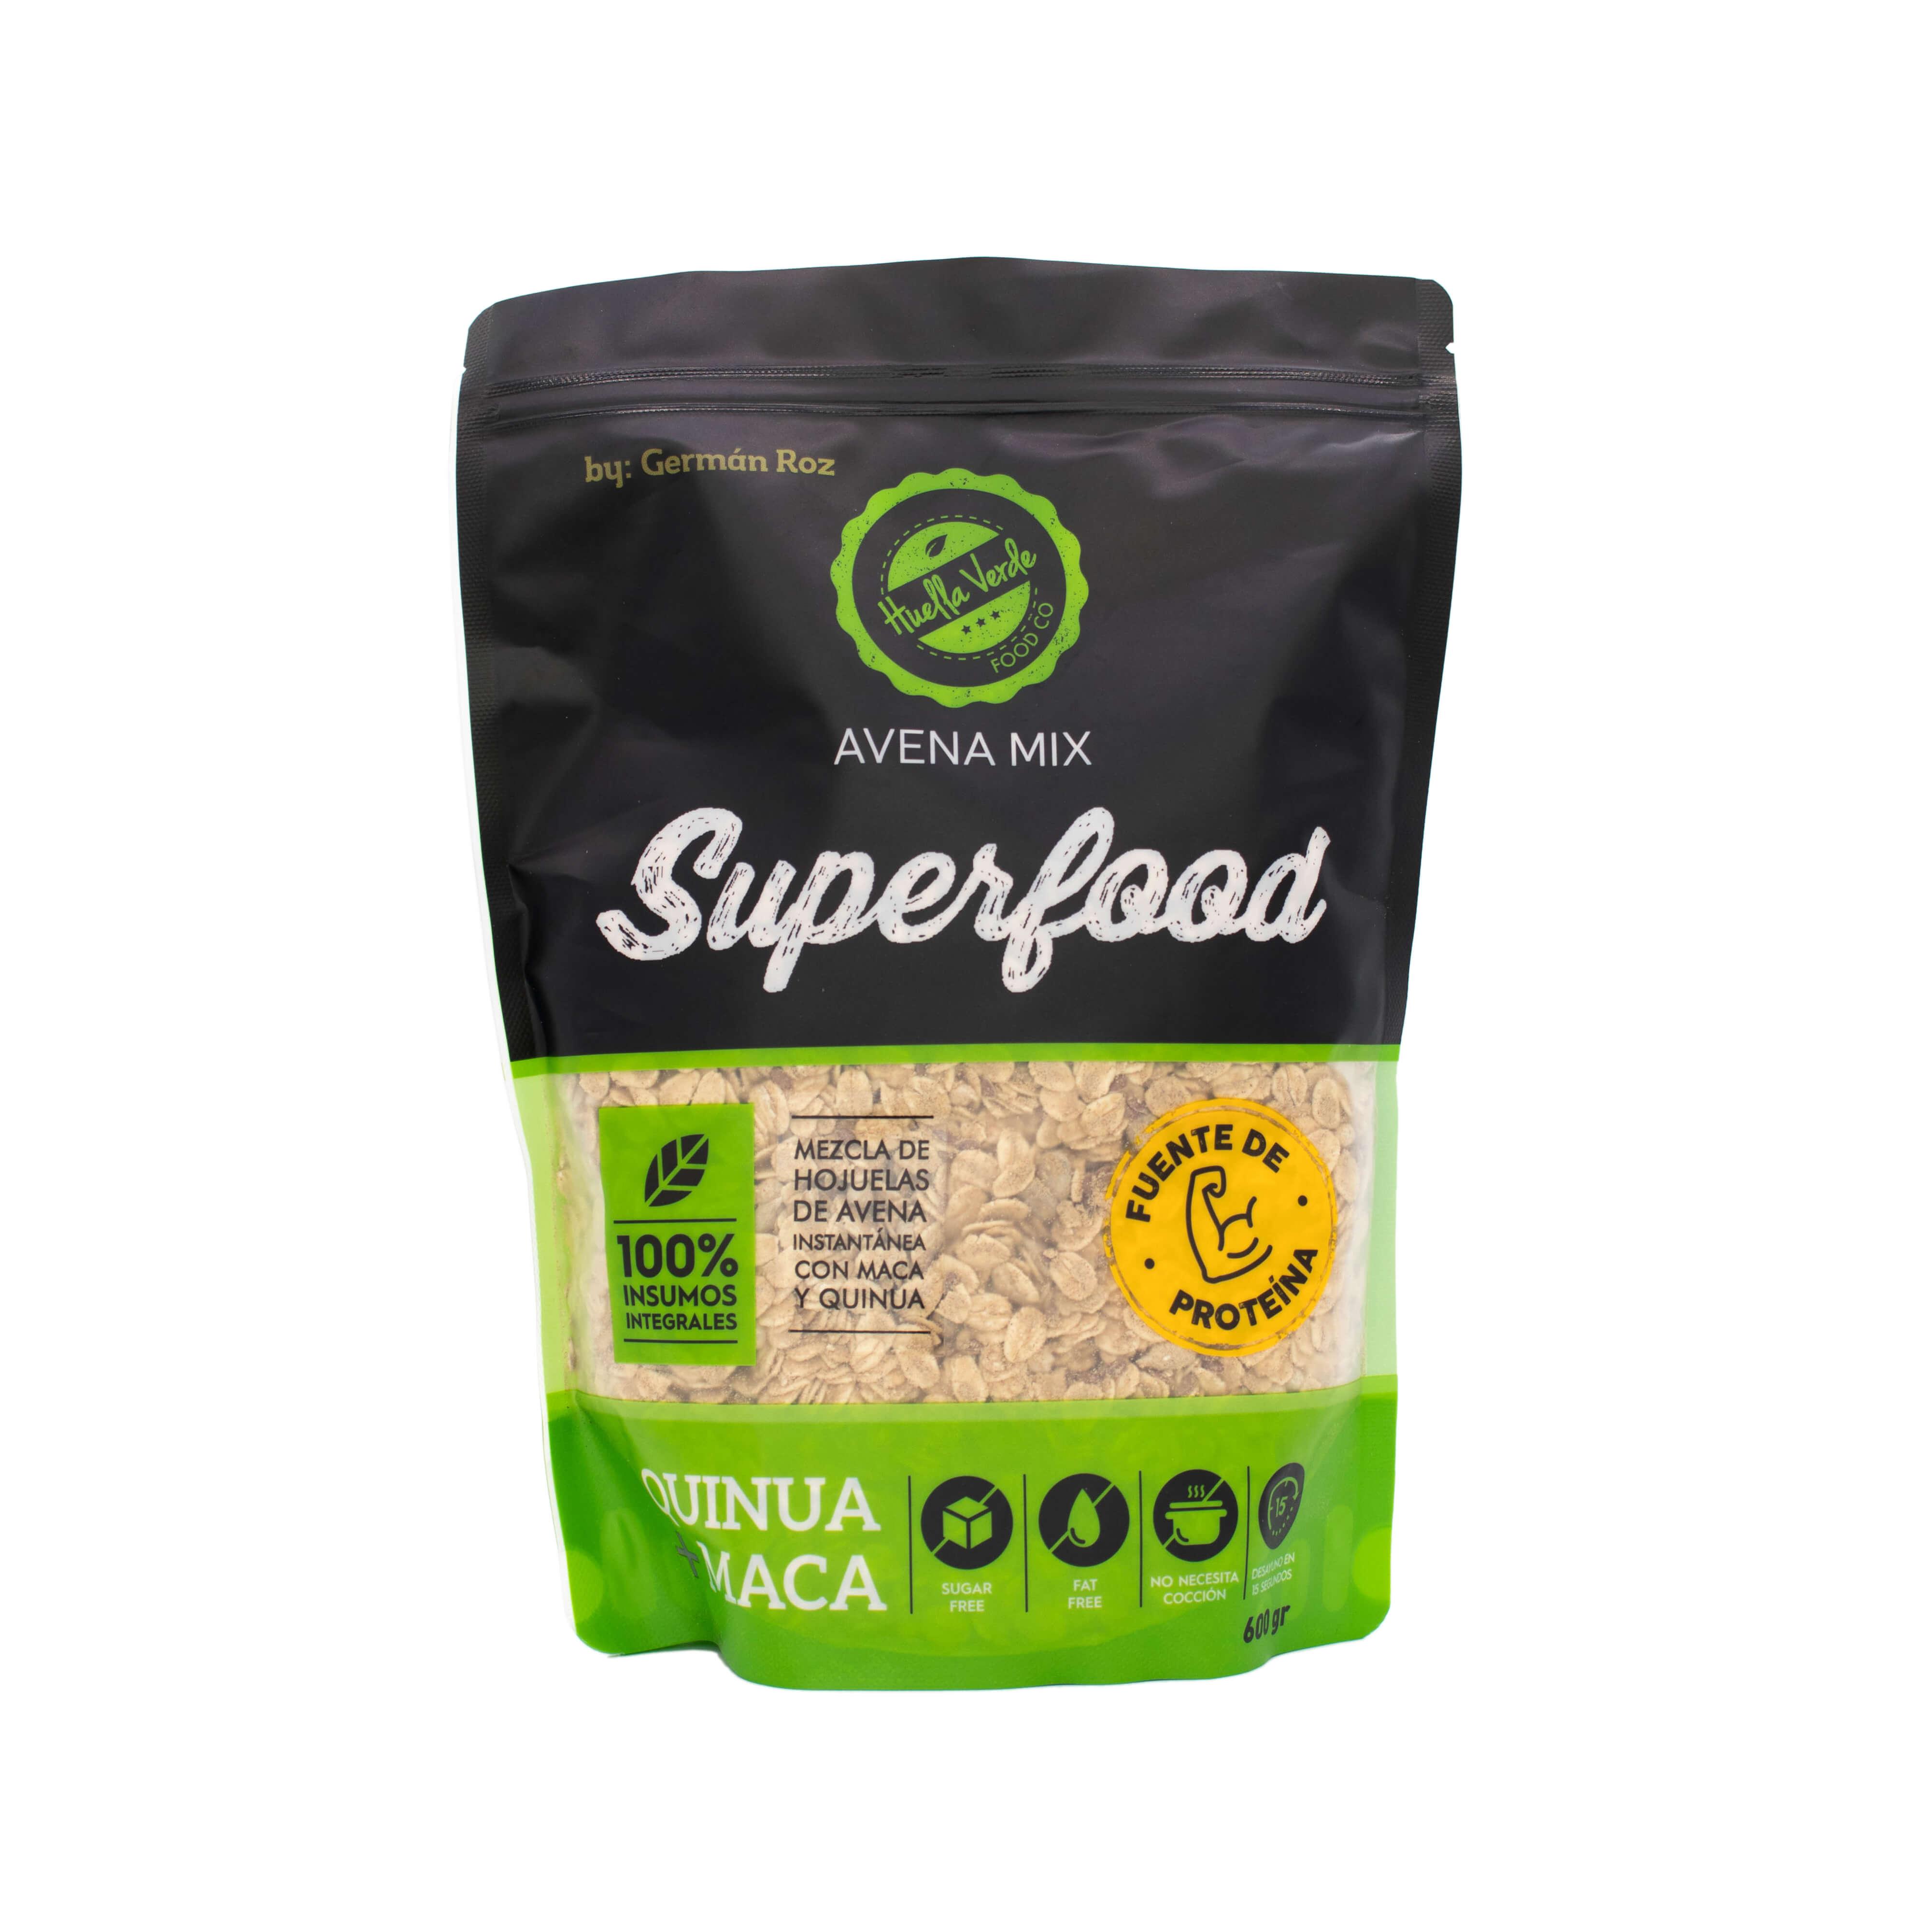 Potencia tu energía con el balance ideal entre fibra y proteína. Superfood es un mix que contiene minerales como el calcio, fosforo y potasio que ayudan a fortalecer el metabolismo del cuerpo, el balance del agua y la salud ósea.   Contiene: Avena en hojuelas, semillas de girasol, semillas de linaza, proteína de tara, maca en polvo, canela, quinua y cranberrys.  Doypack 600gr